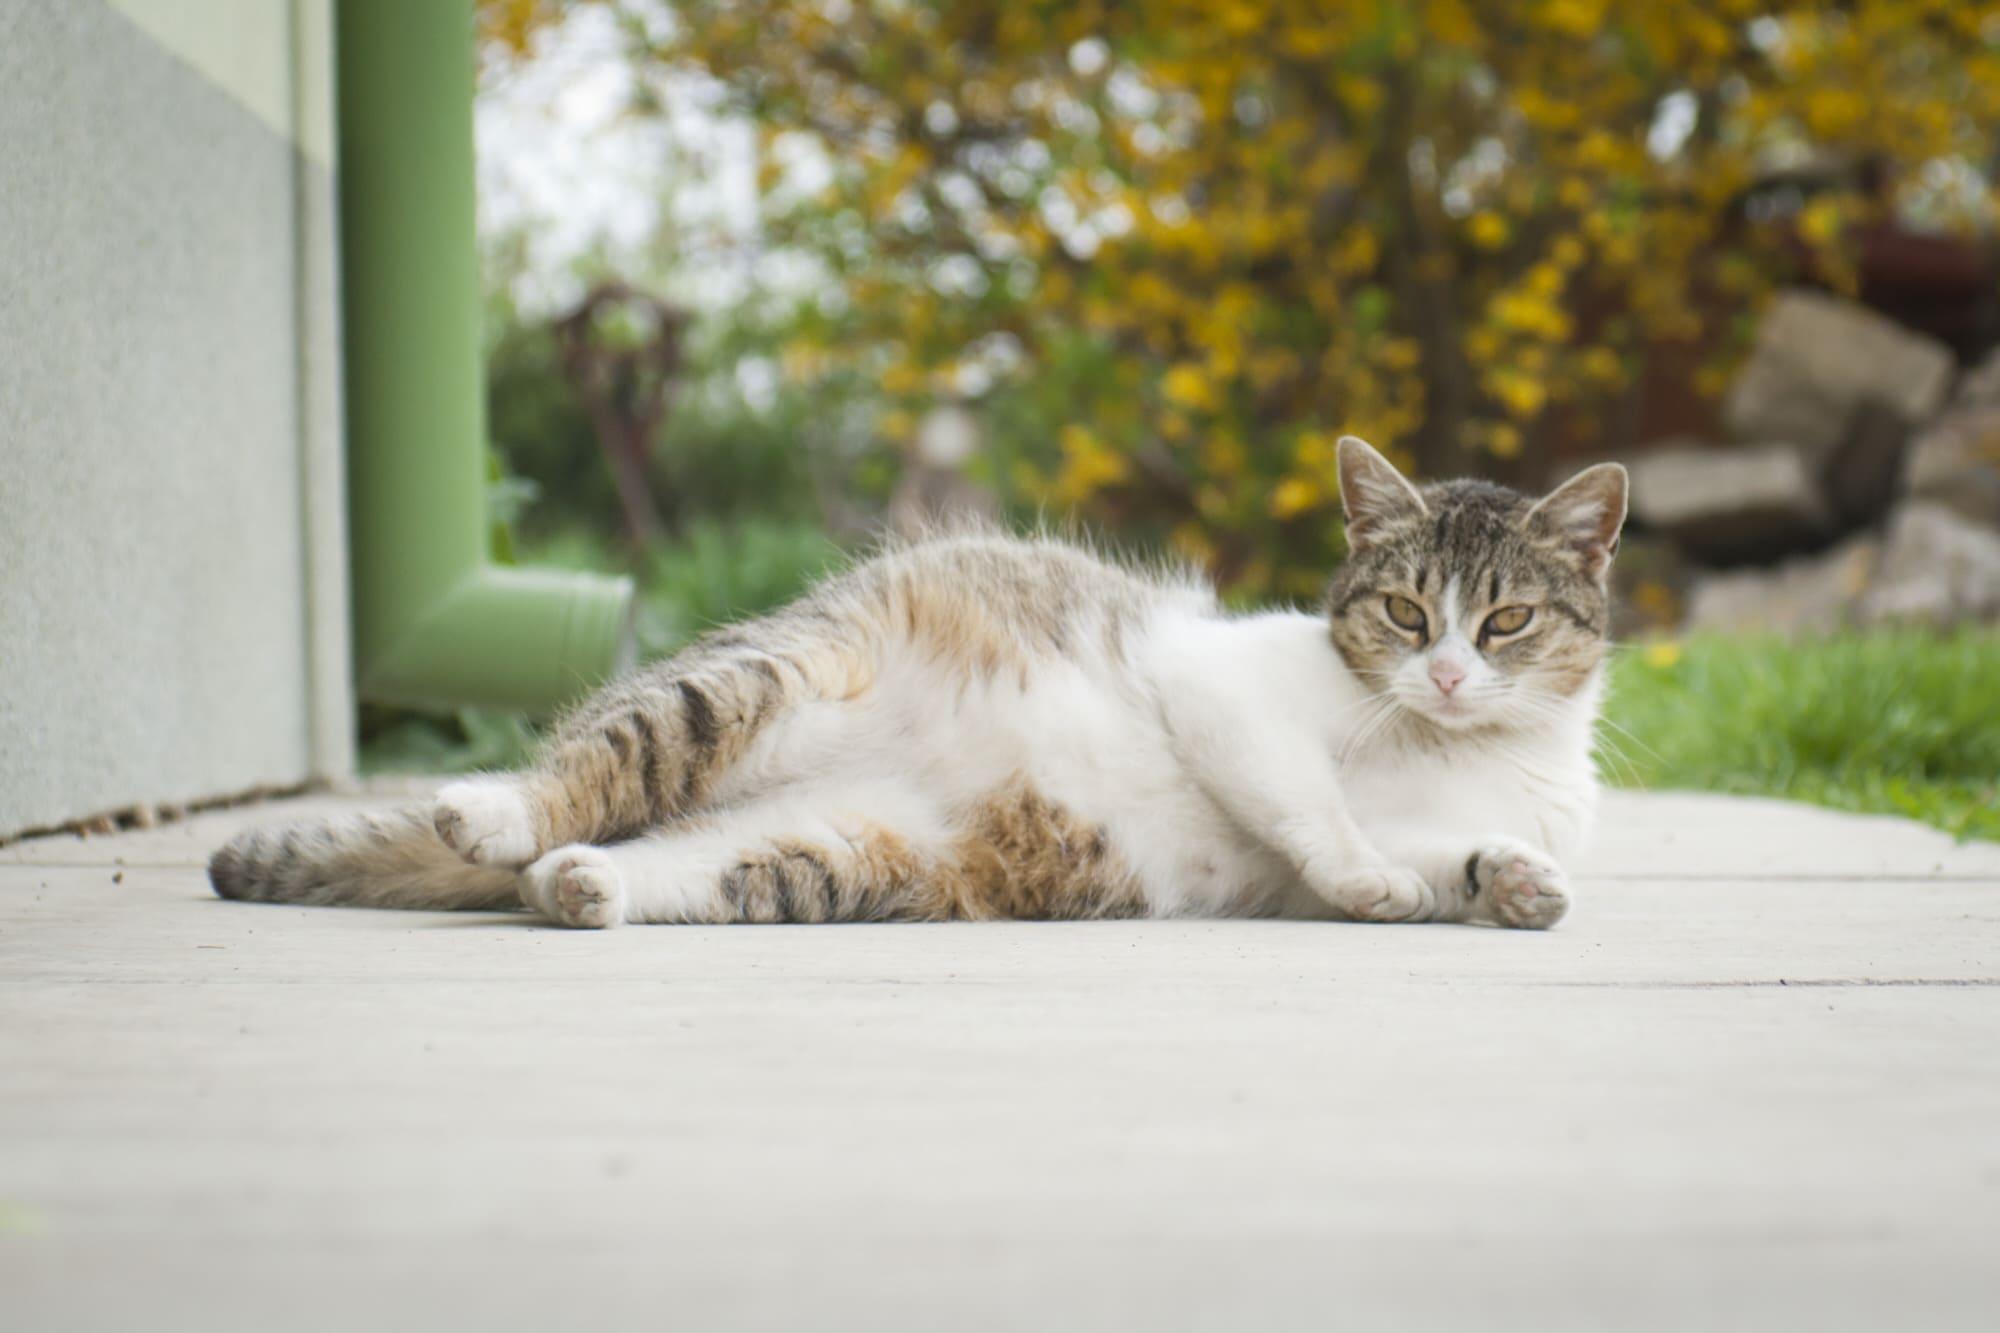 katzen und ihre tragezeit beginn dauer und ende smart animals. Black Bedroom Furniture Sets. Home Design Ideas